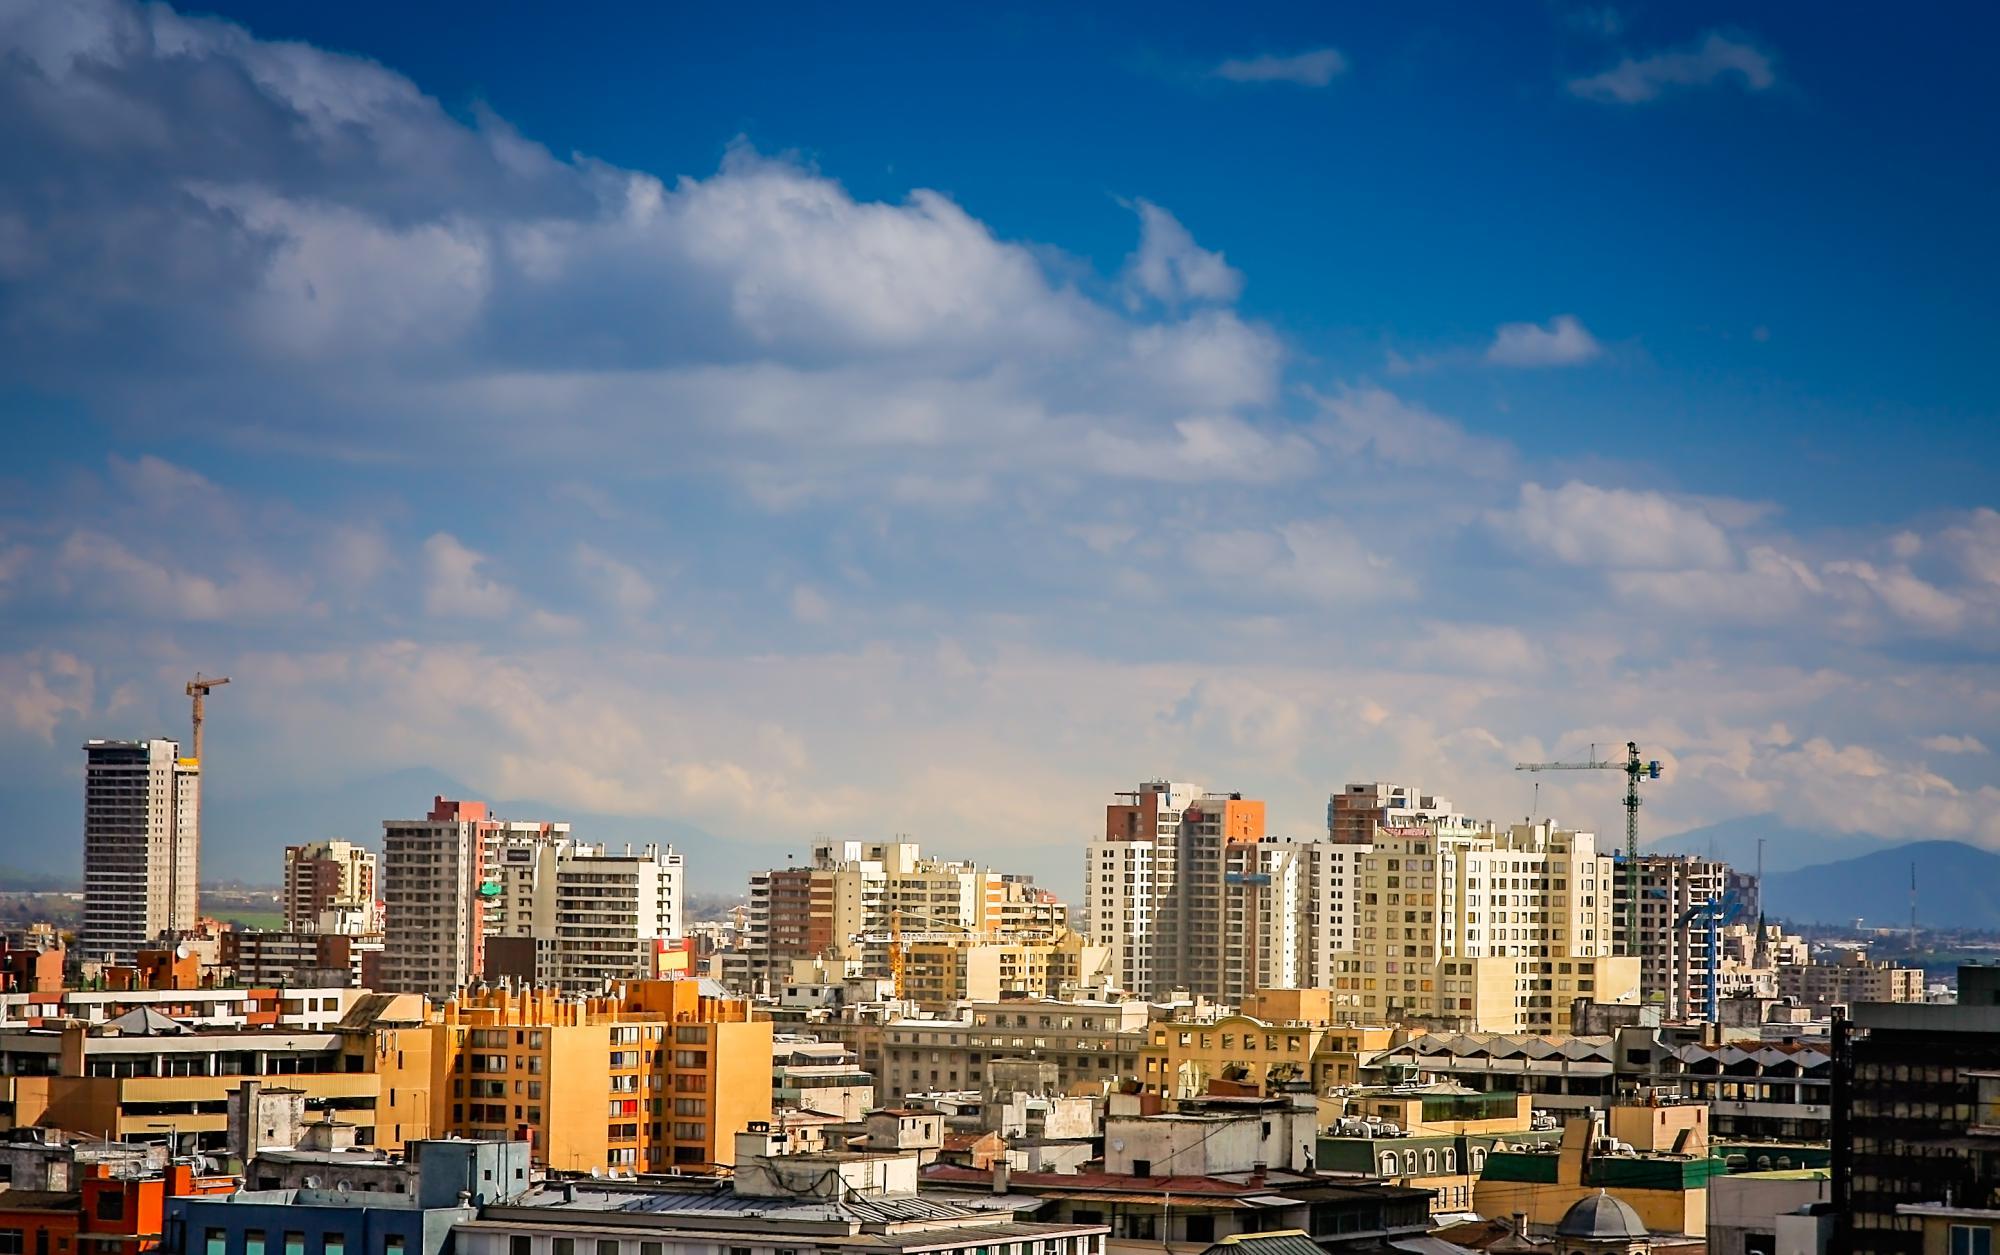 Ратифицирована Конвенция с Чили об избежании двойного налогообложения